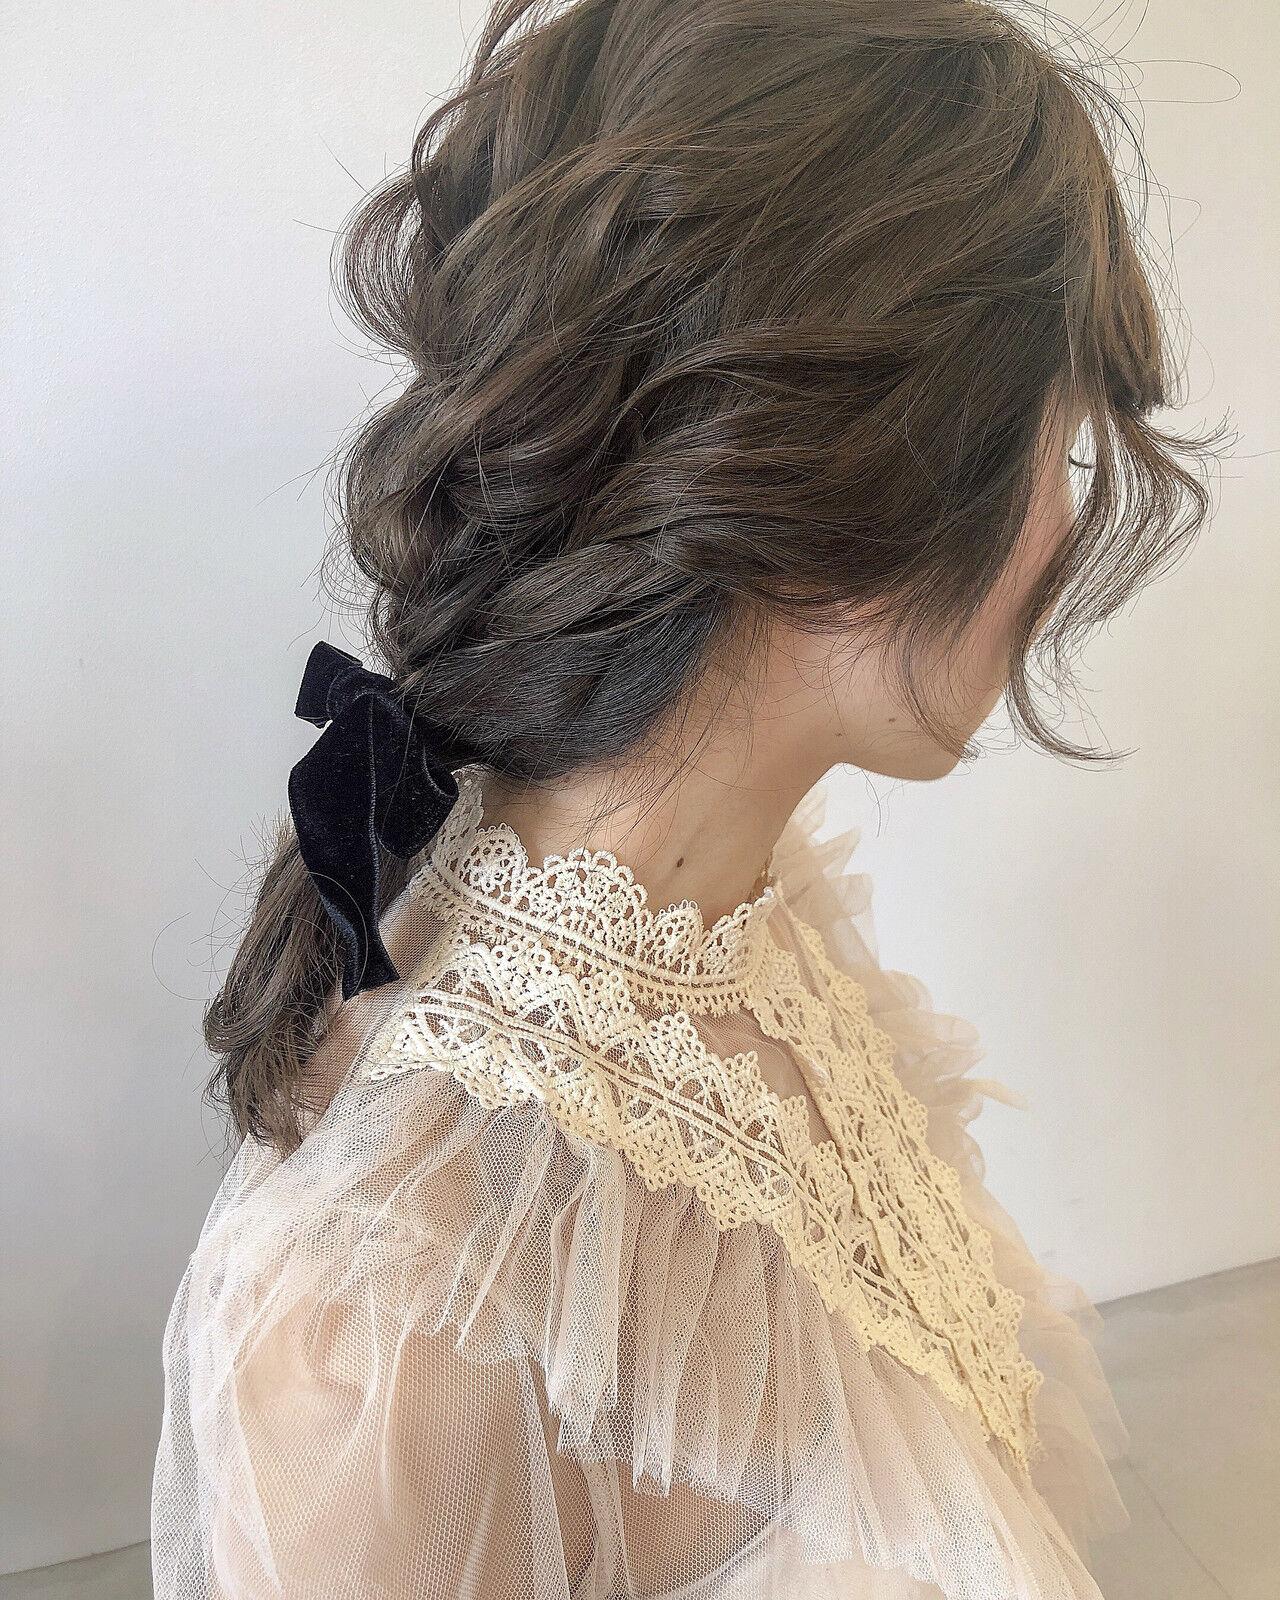 ミディアム ヘアアレンジ ベージュ 編みおろしヘアスタイルや髪型の写真・画像